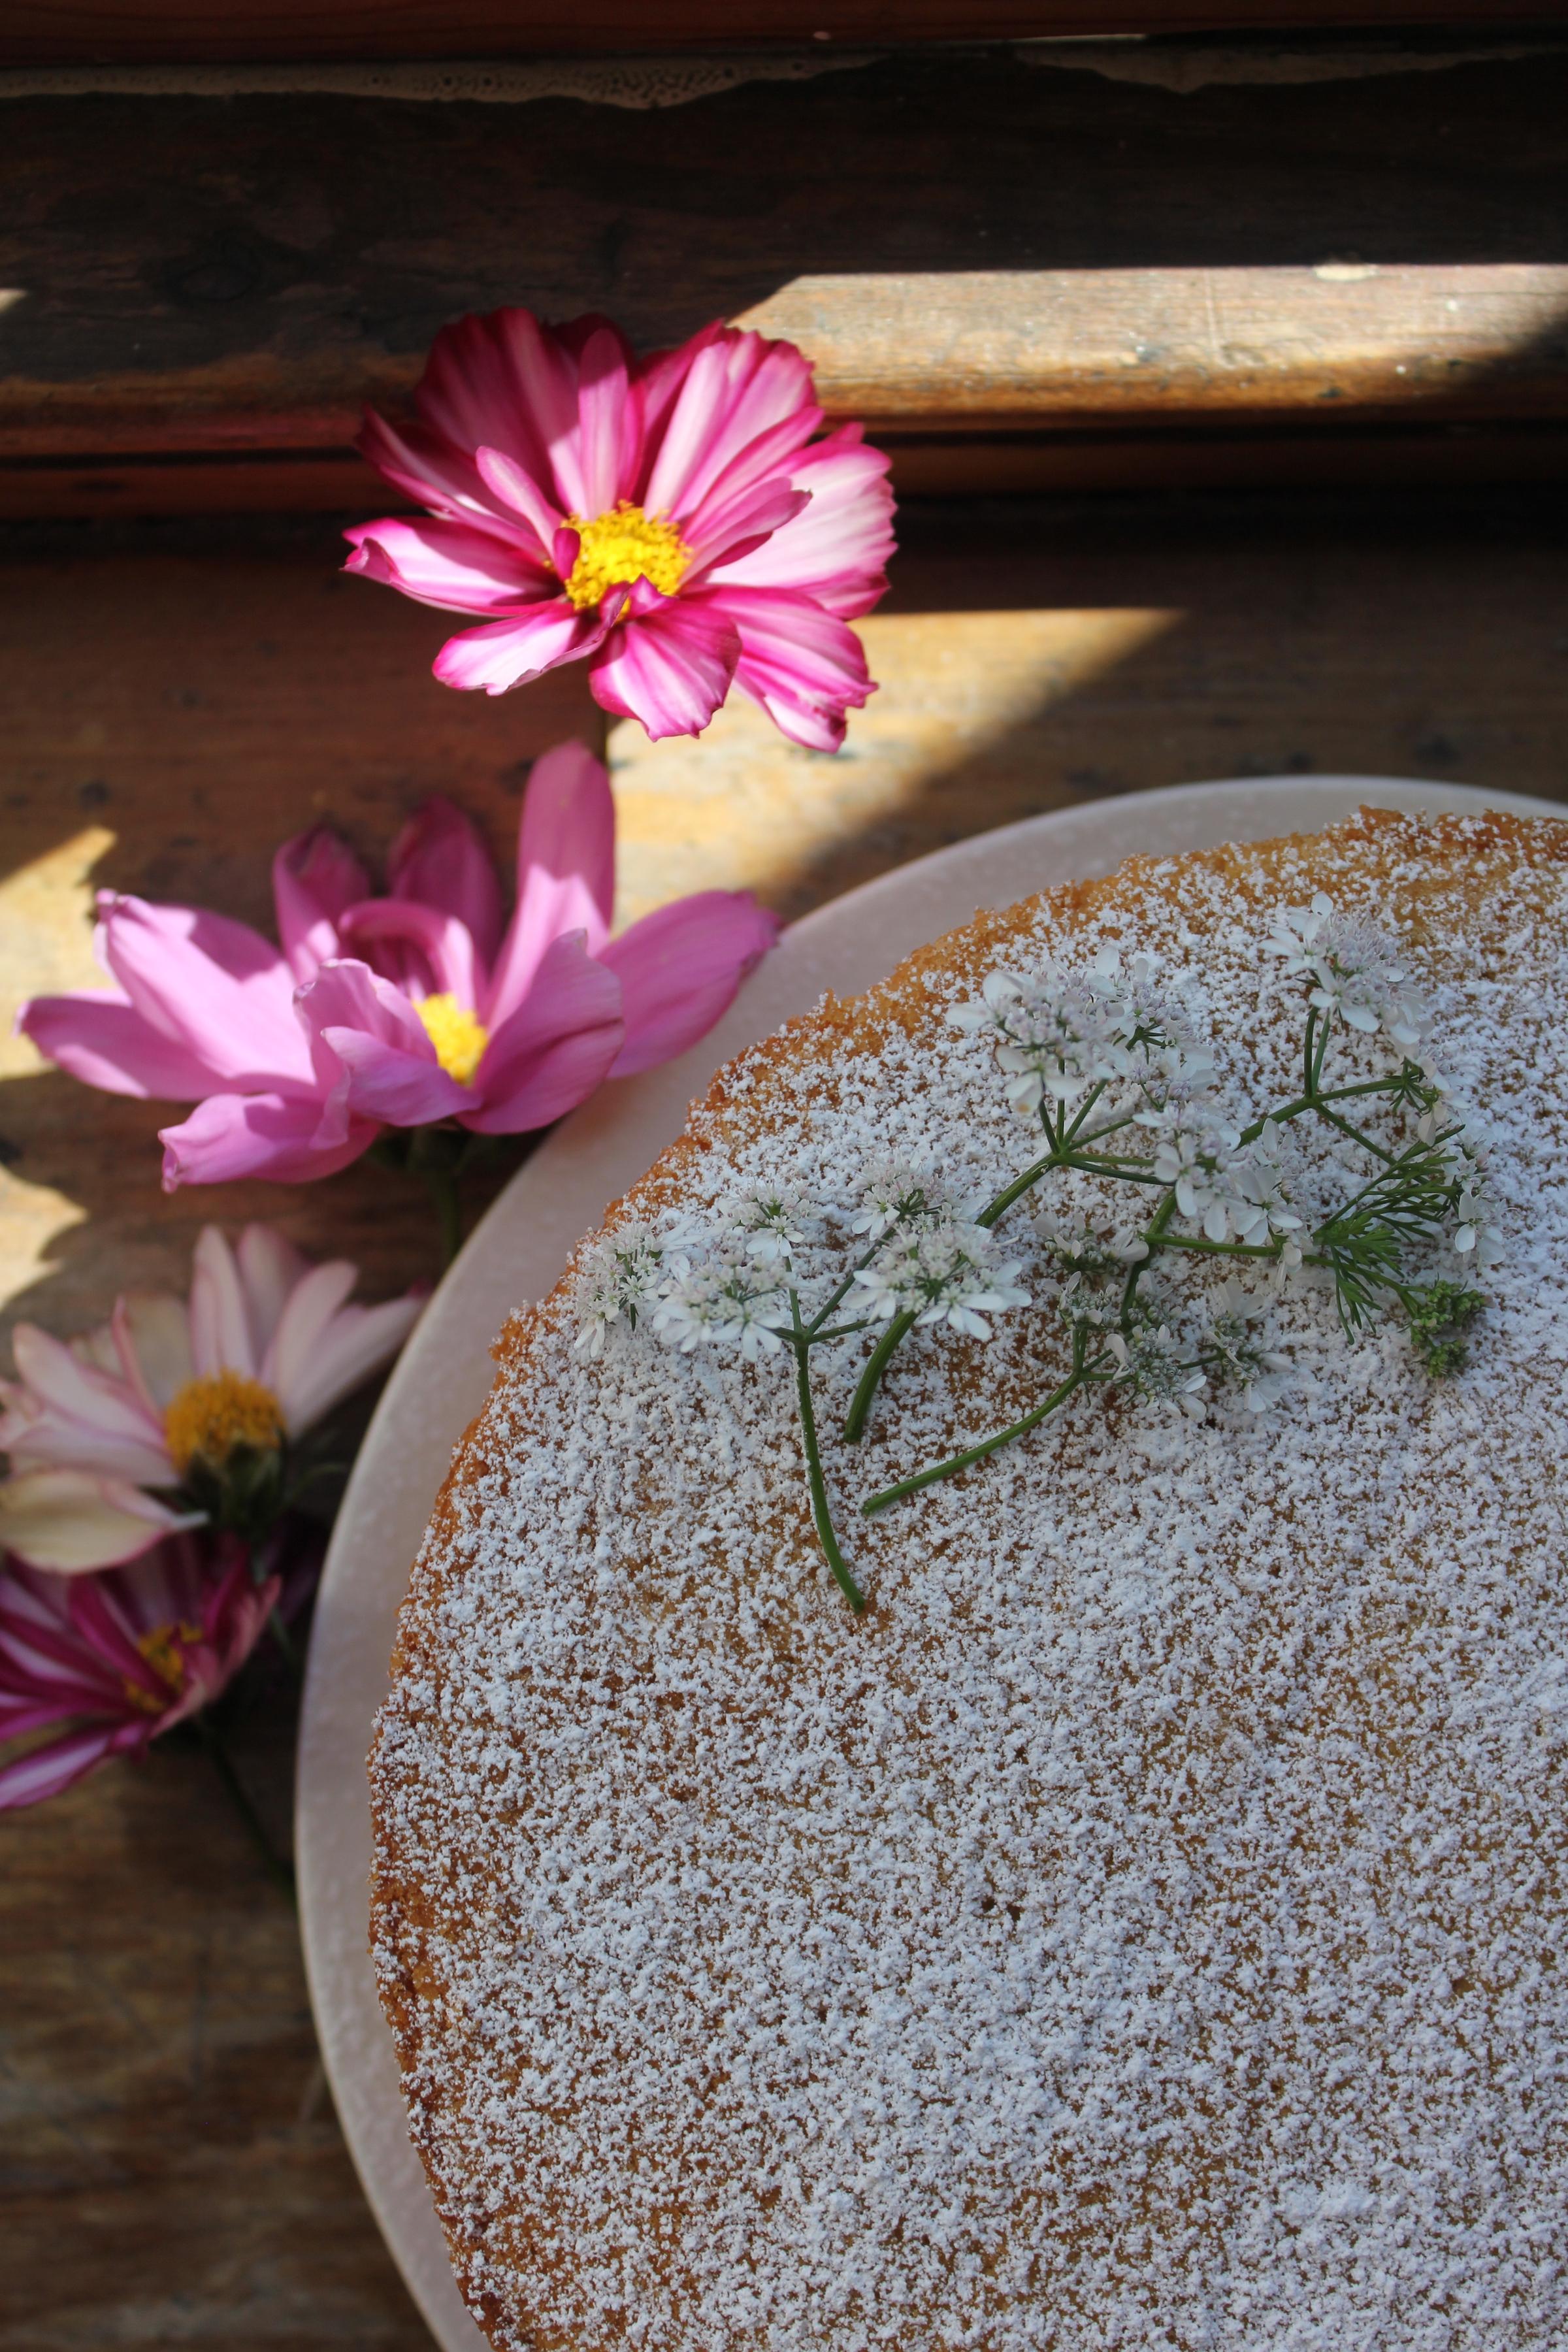 Gooseberry, Elderflower and Almond Sponge